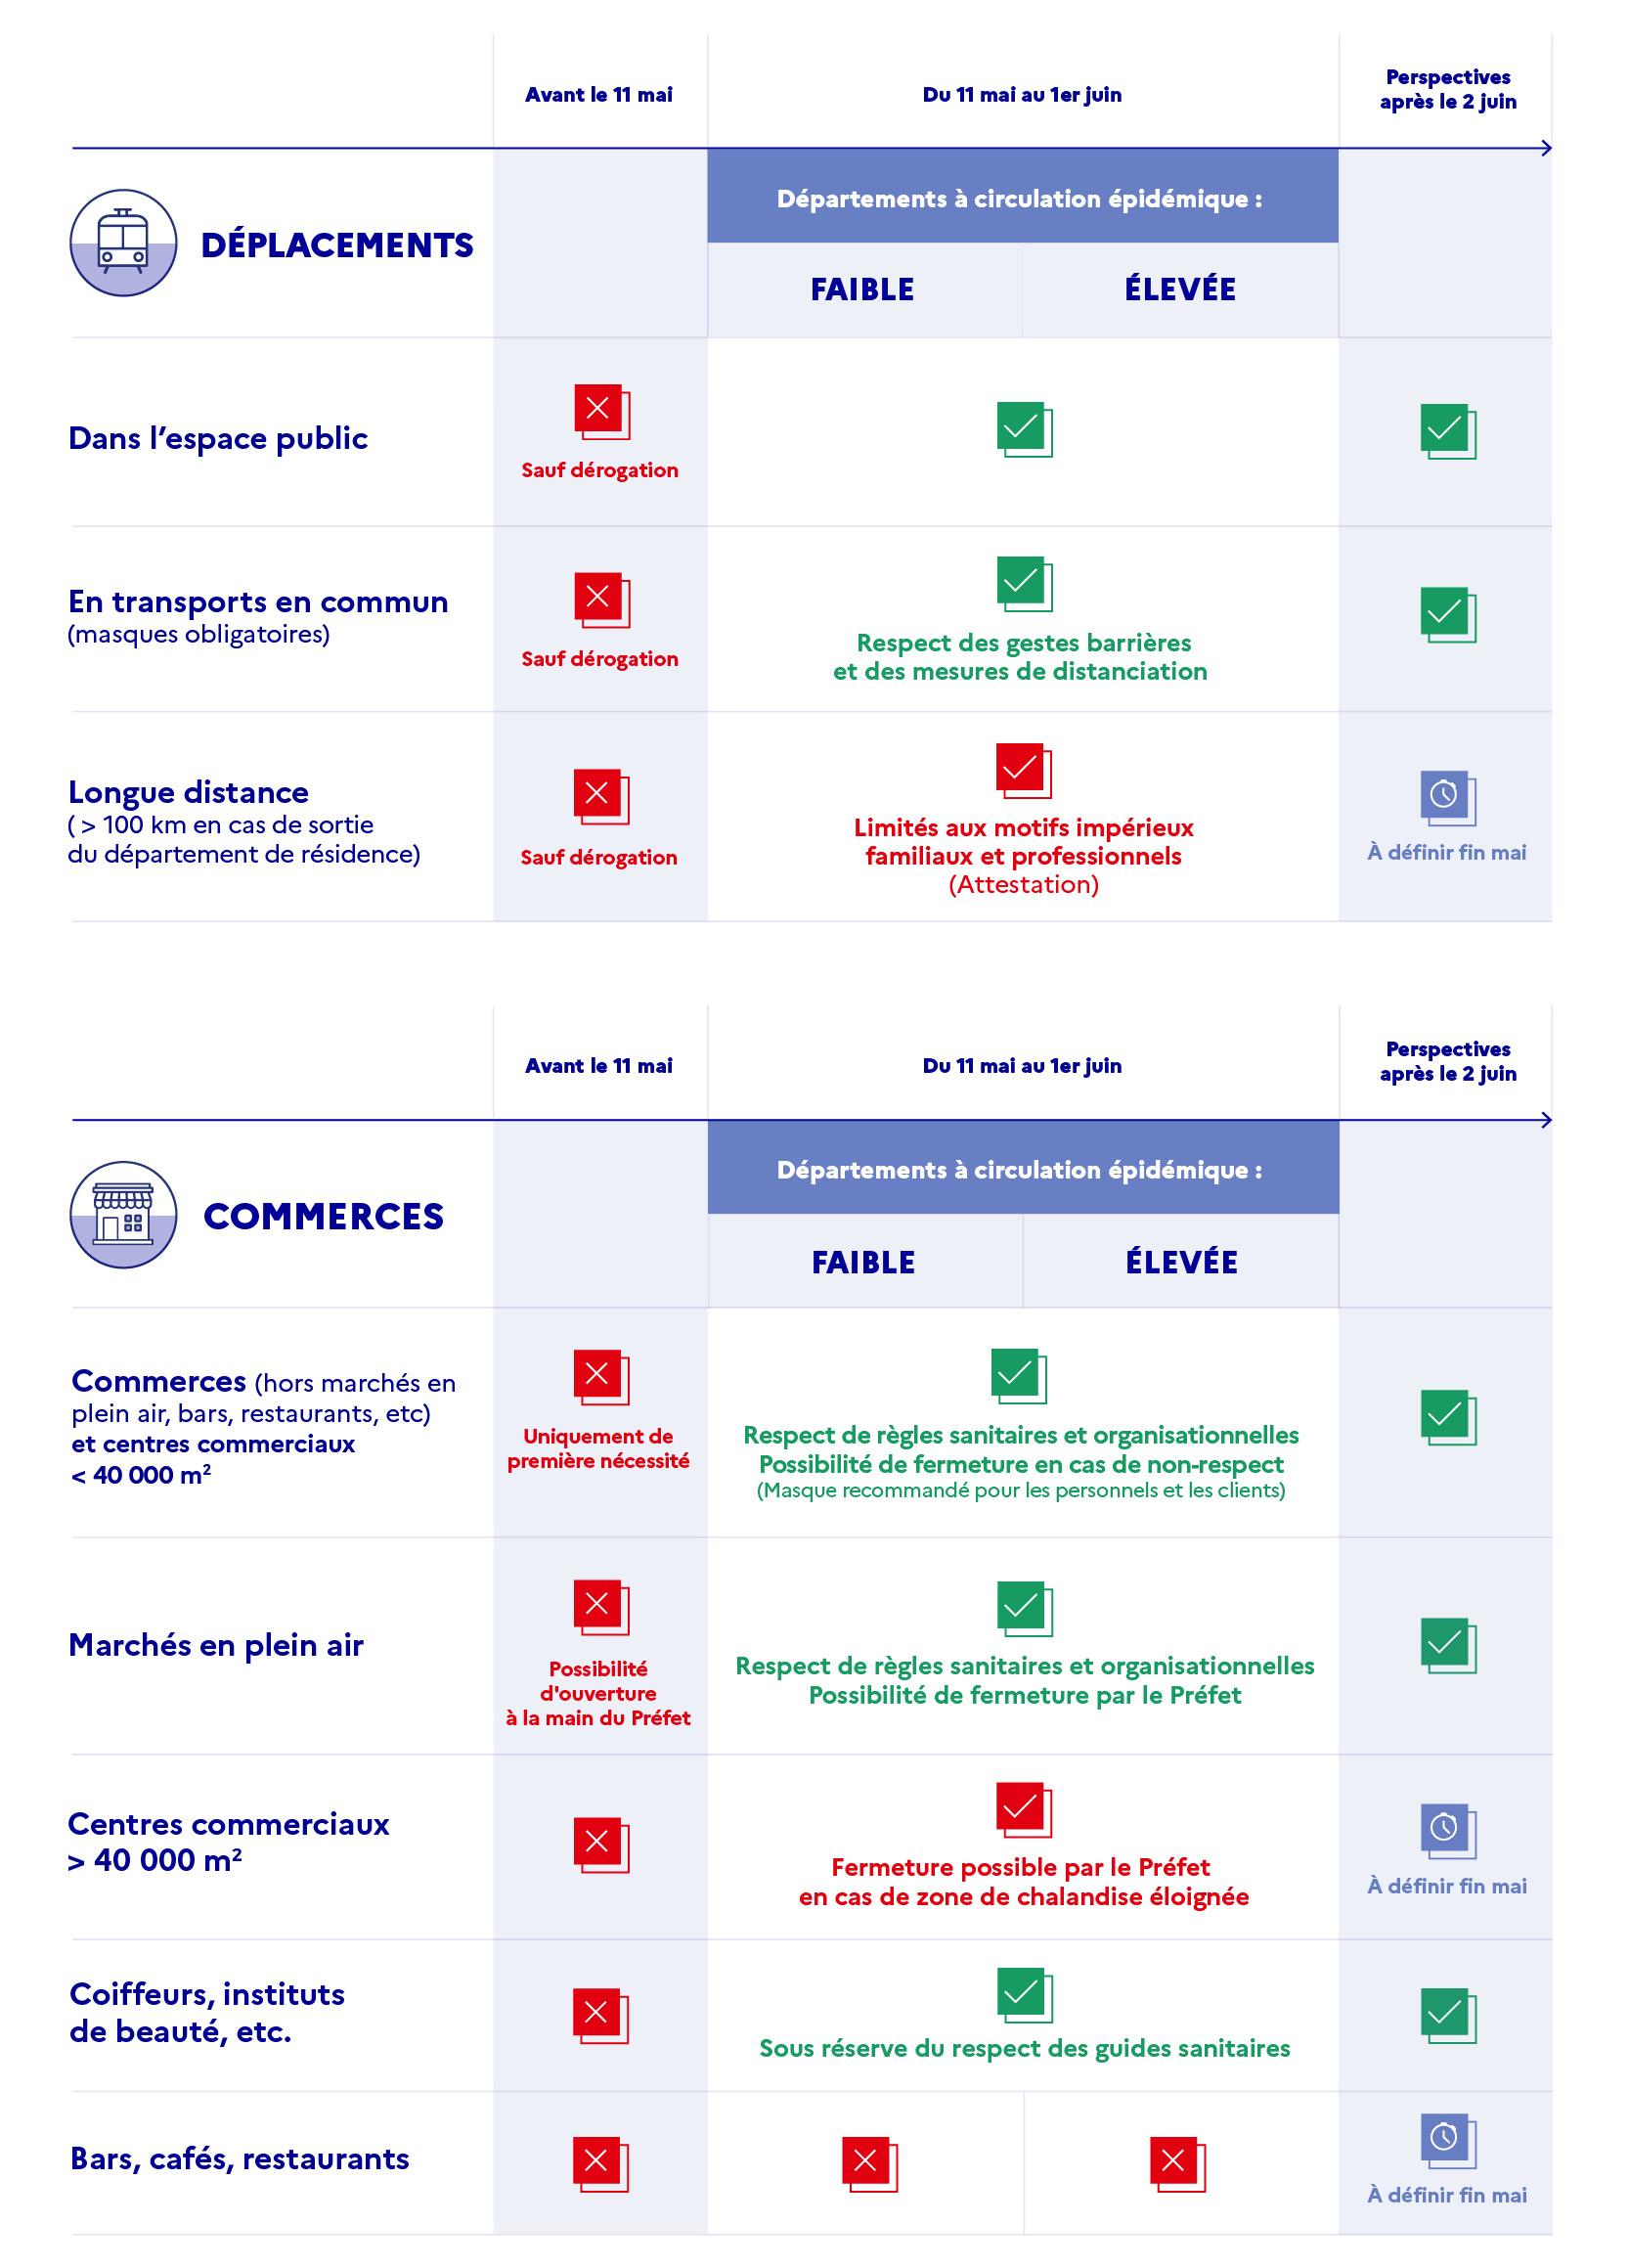 infographie Déplacements et commerces